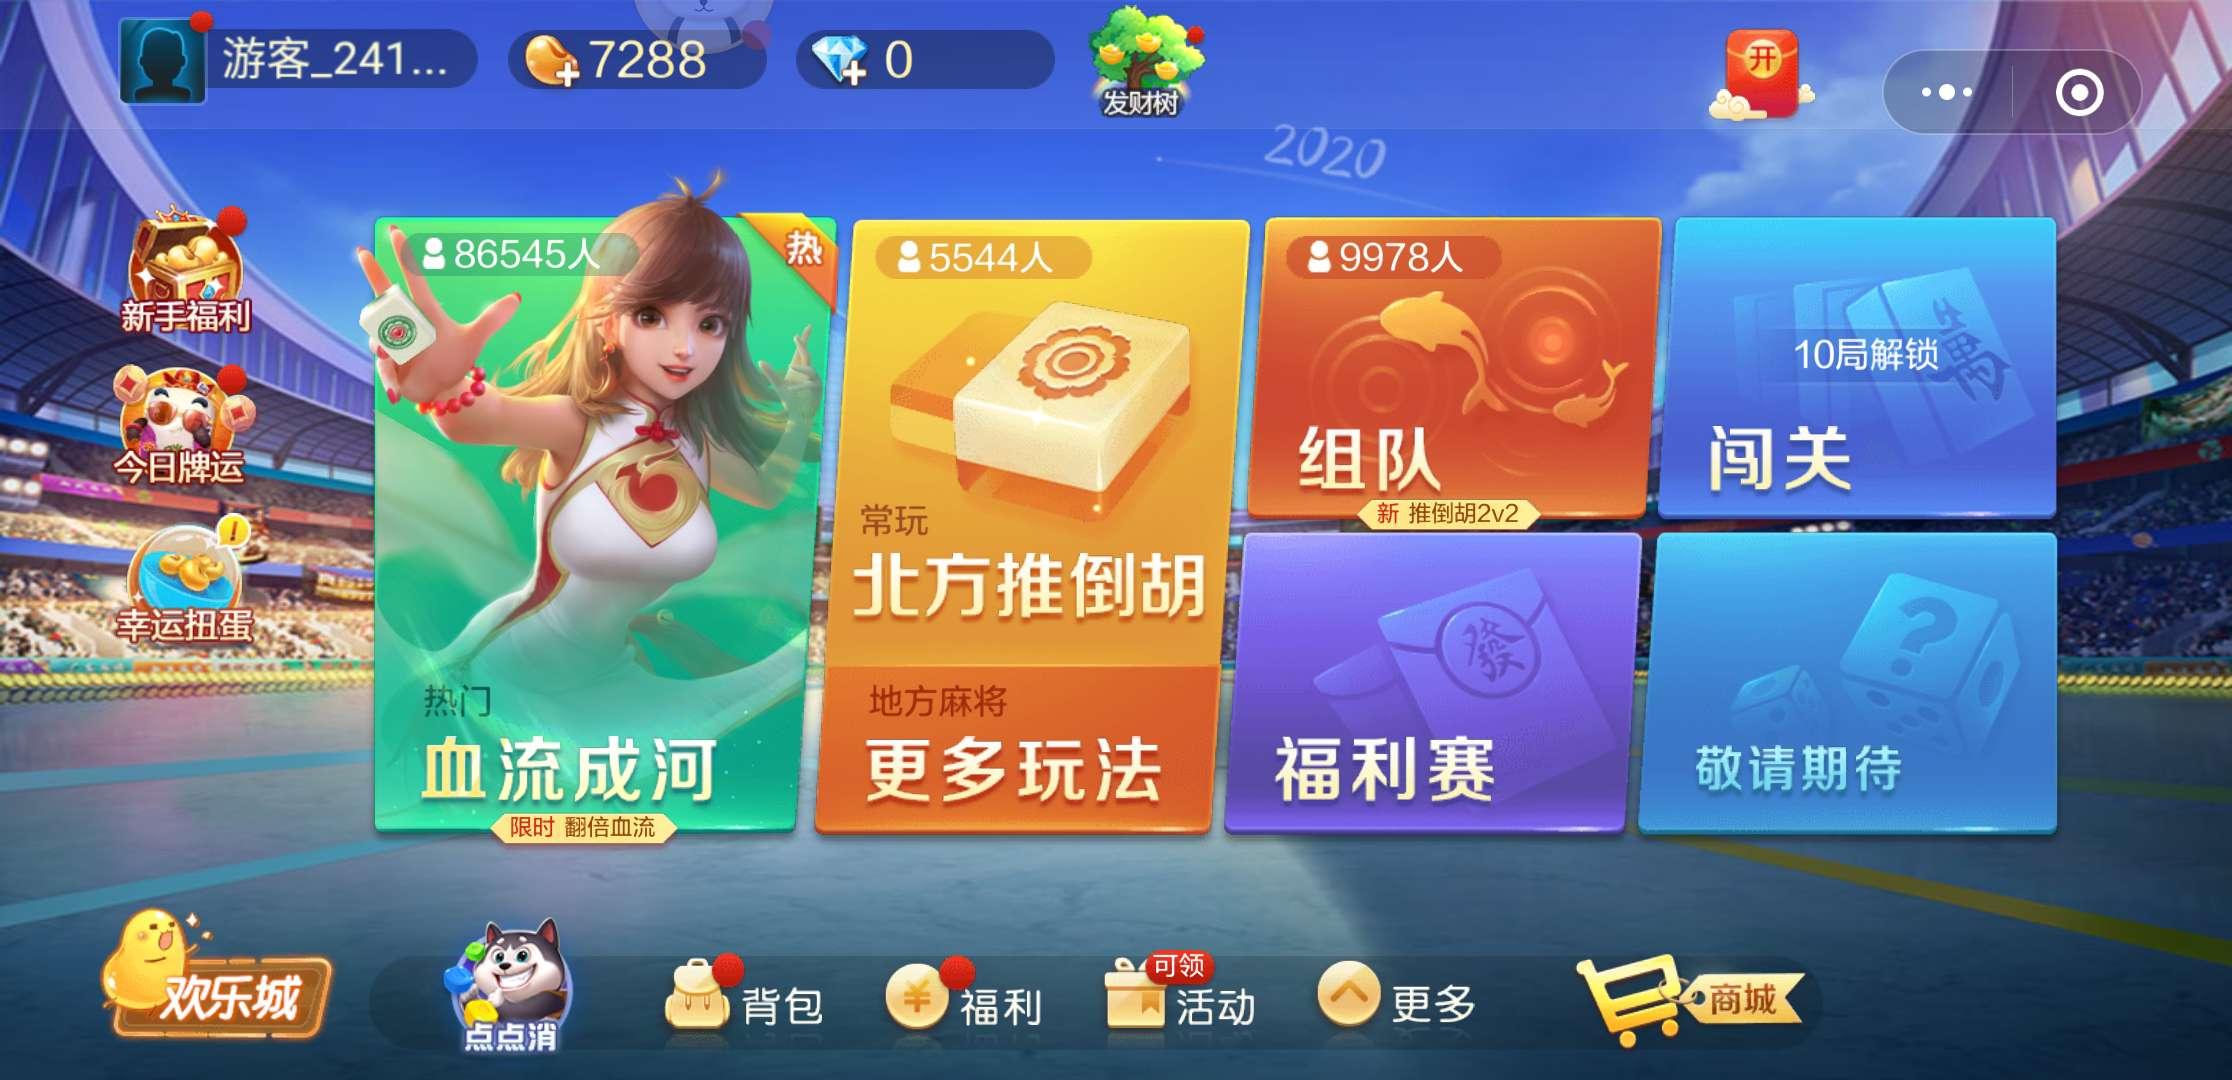 中山棋牌游戏开发公司哪家好,如何辨别开发商好不好?